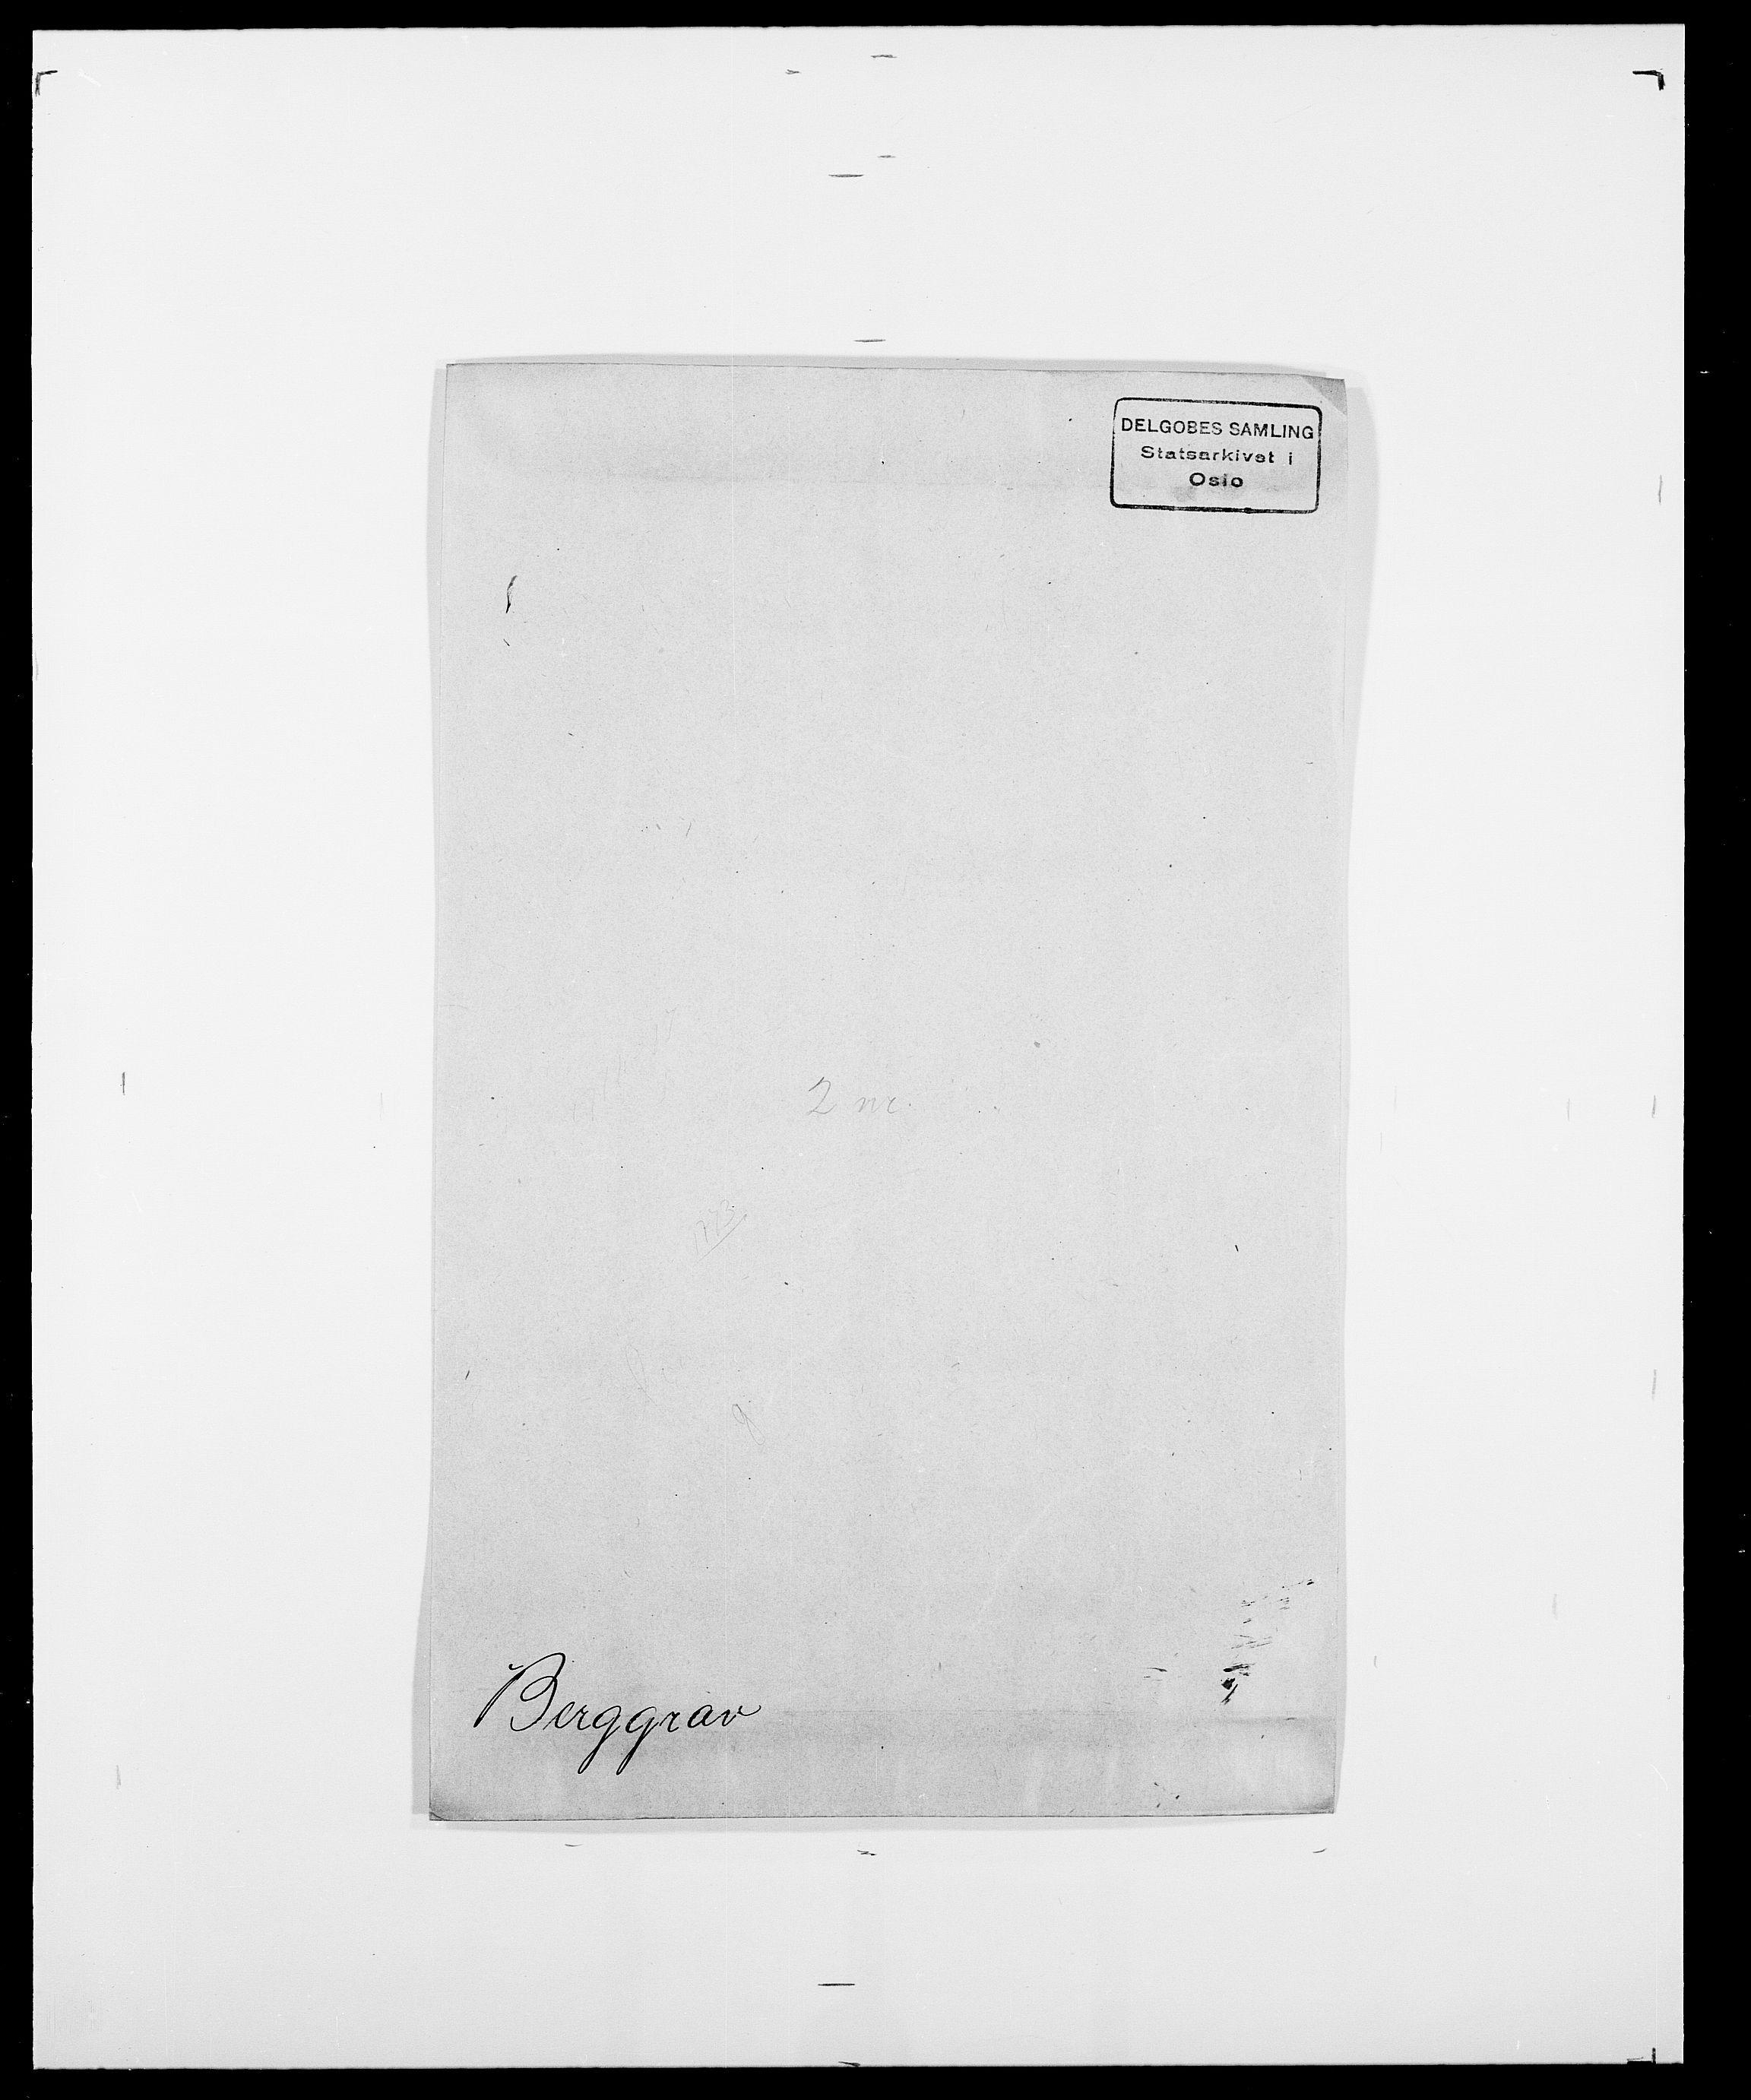 SAO, Delgobe, Charles Antoine - samling, D/Da/L0004: Bergendahl - Blære, s. 22